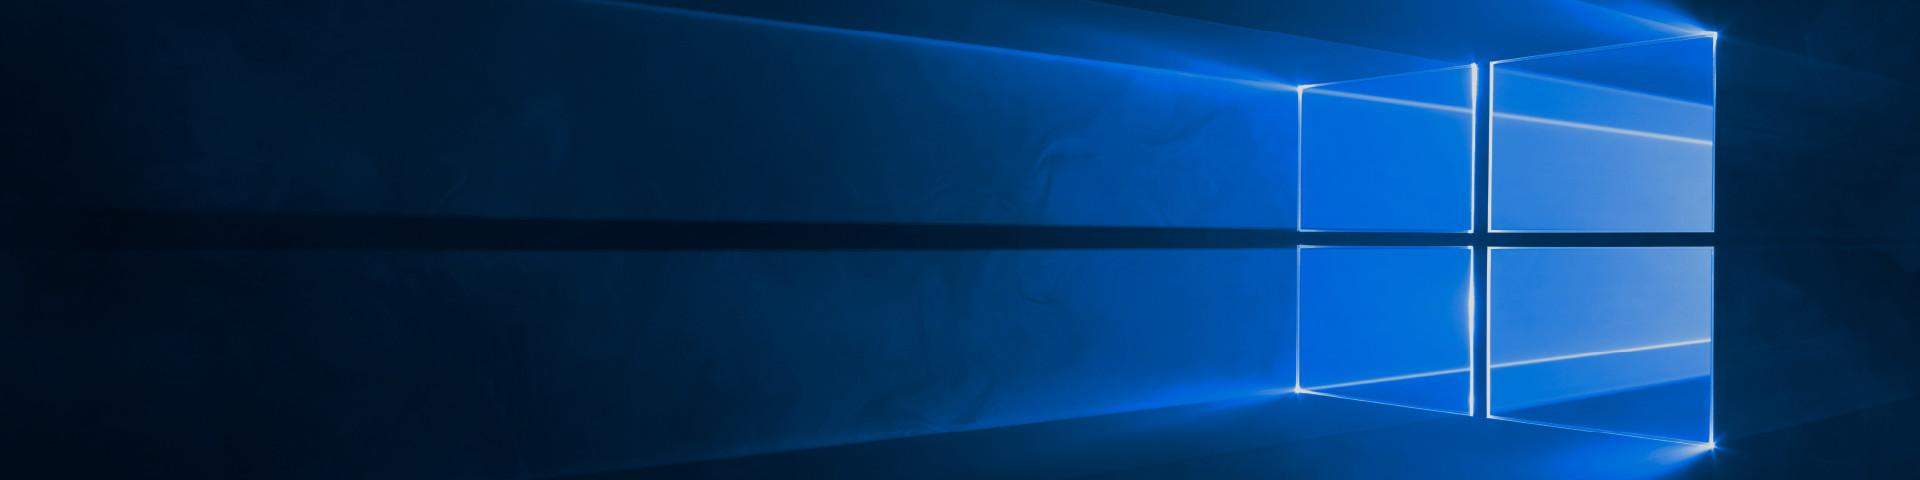 Windows10 est enfin arrivé et vous pouvez le télécharger gratuitement.*